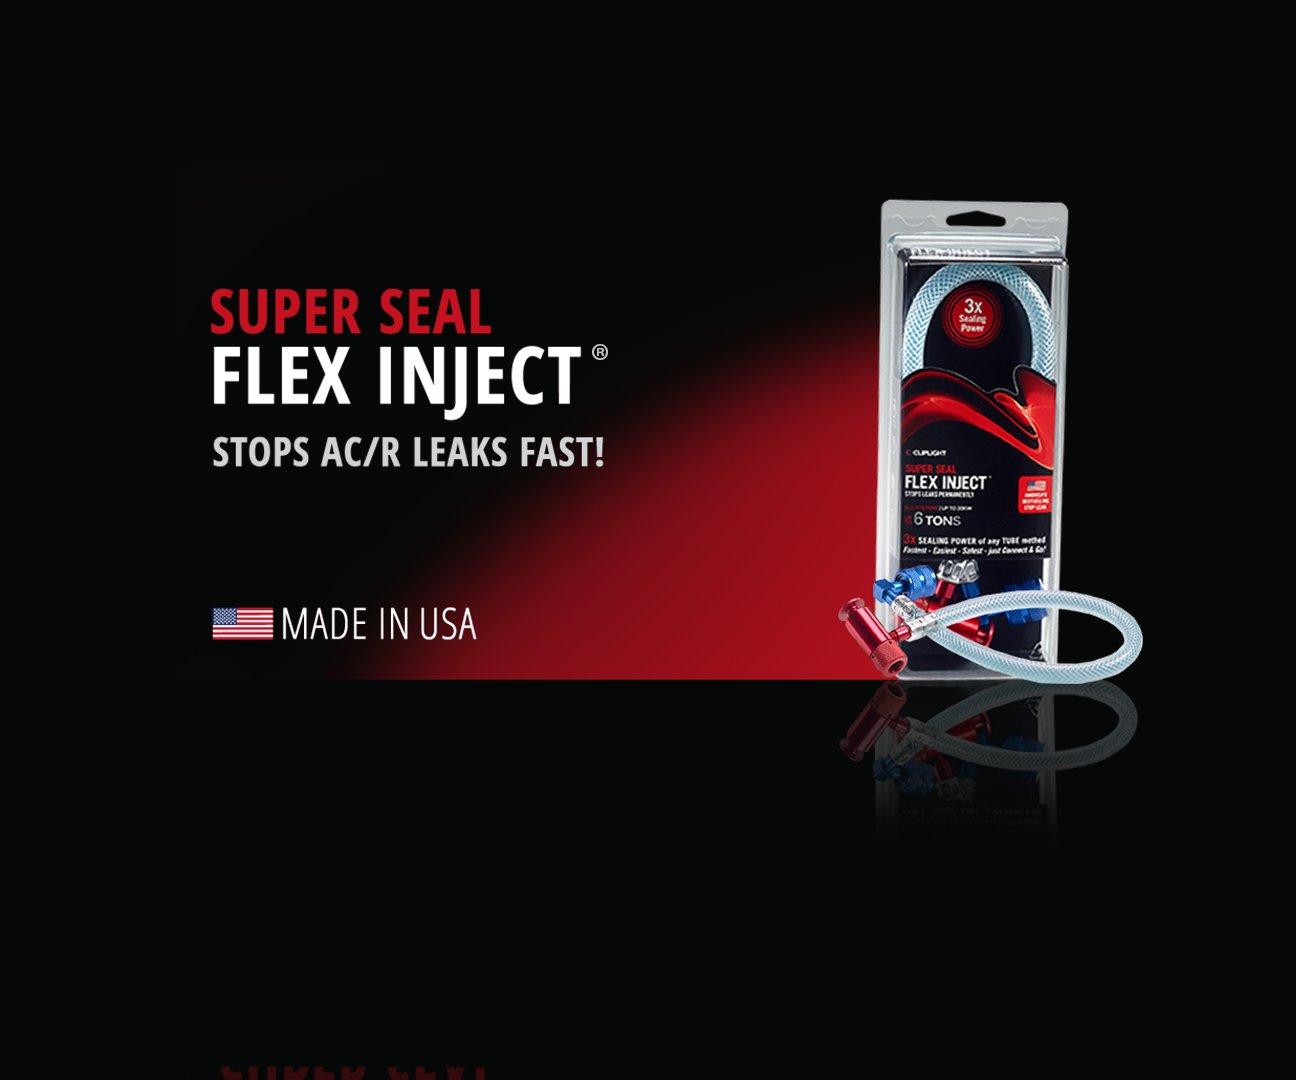 Super Seal Flex